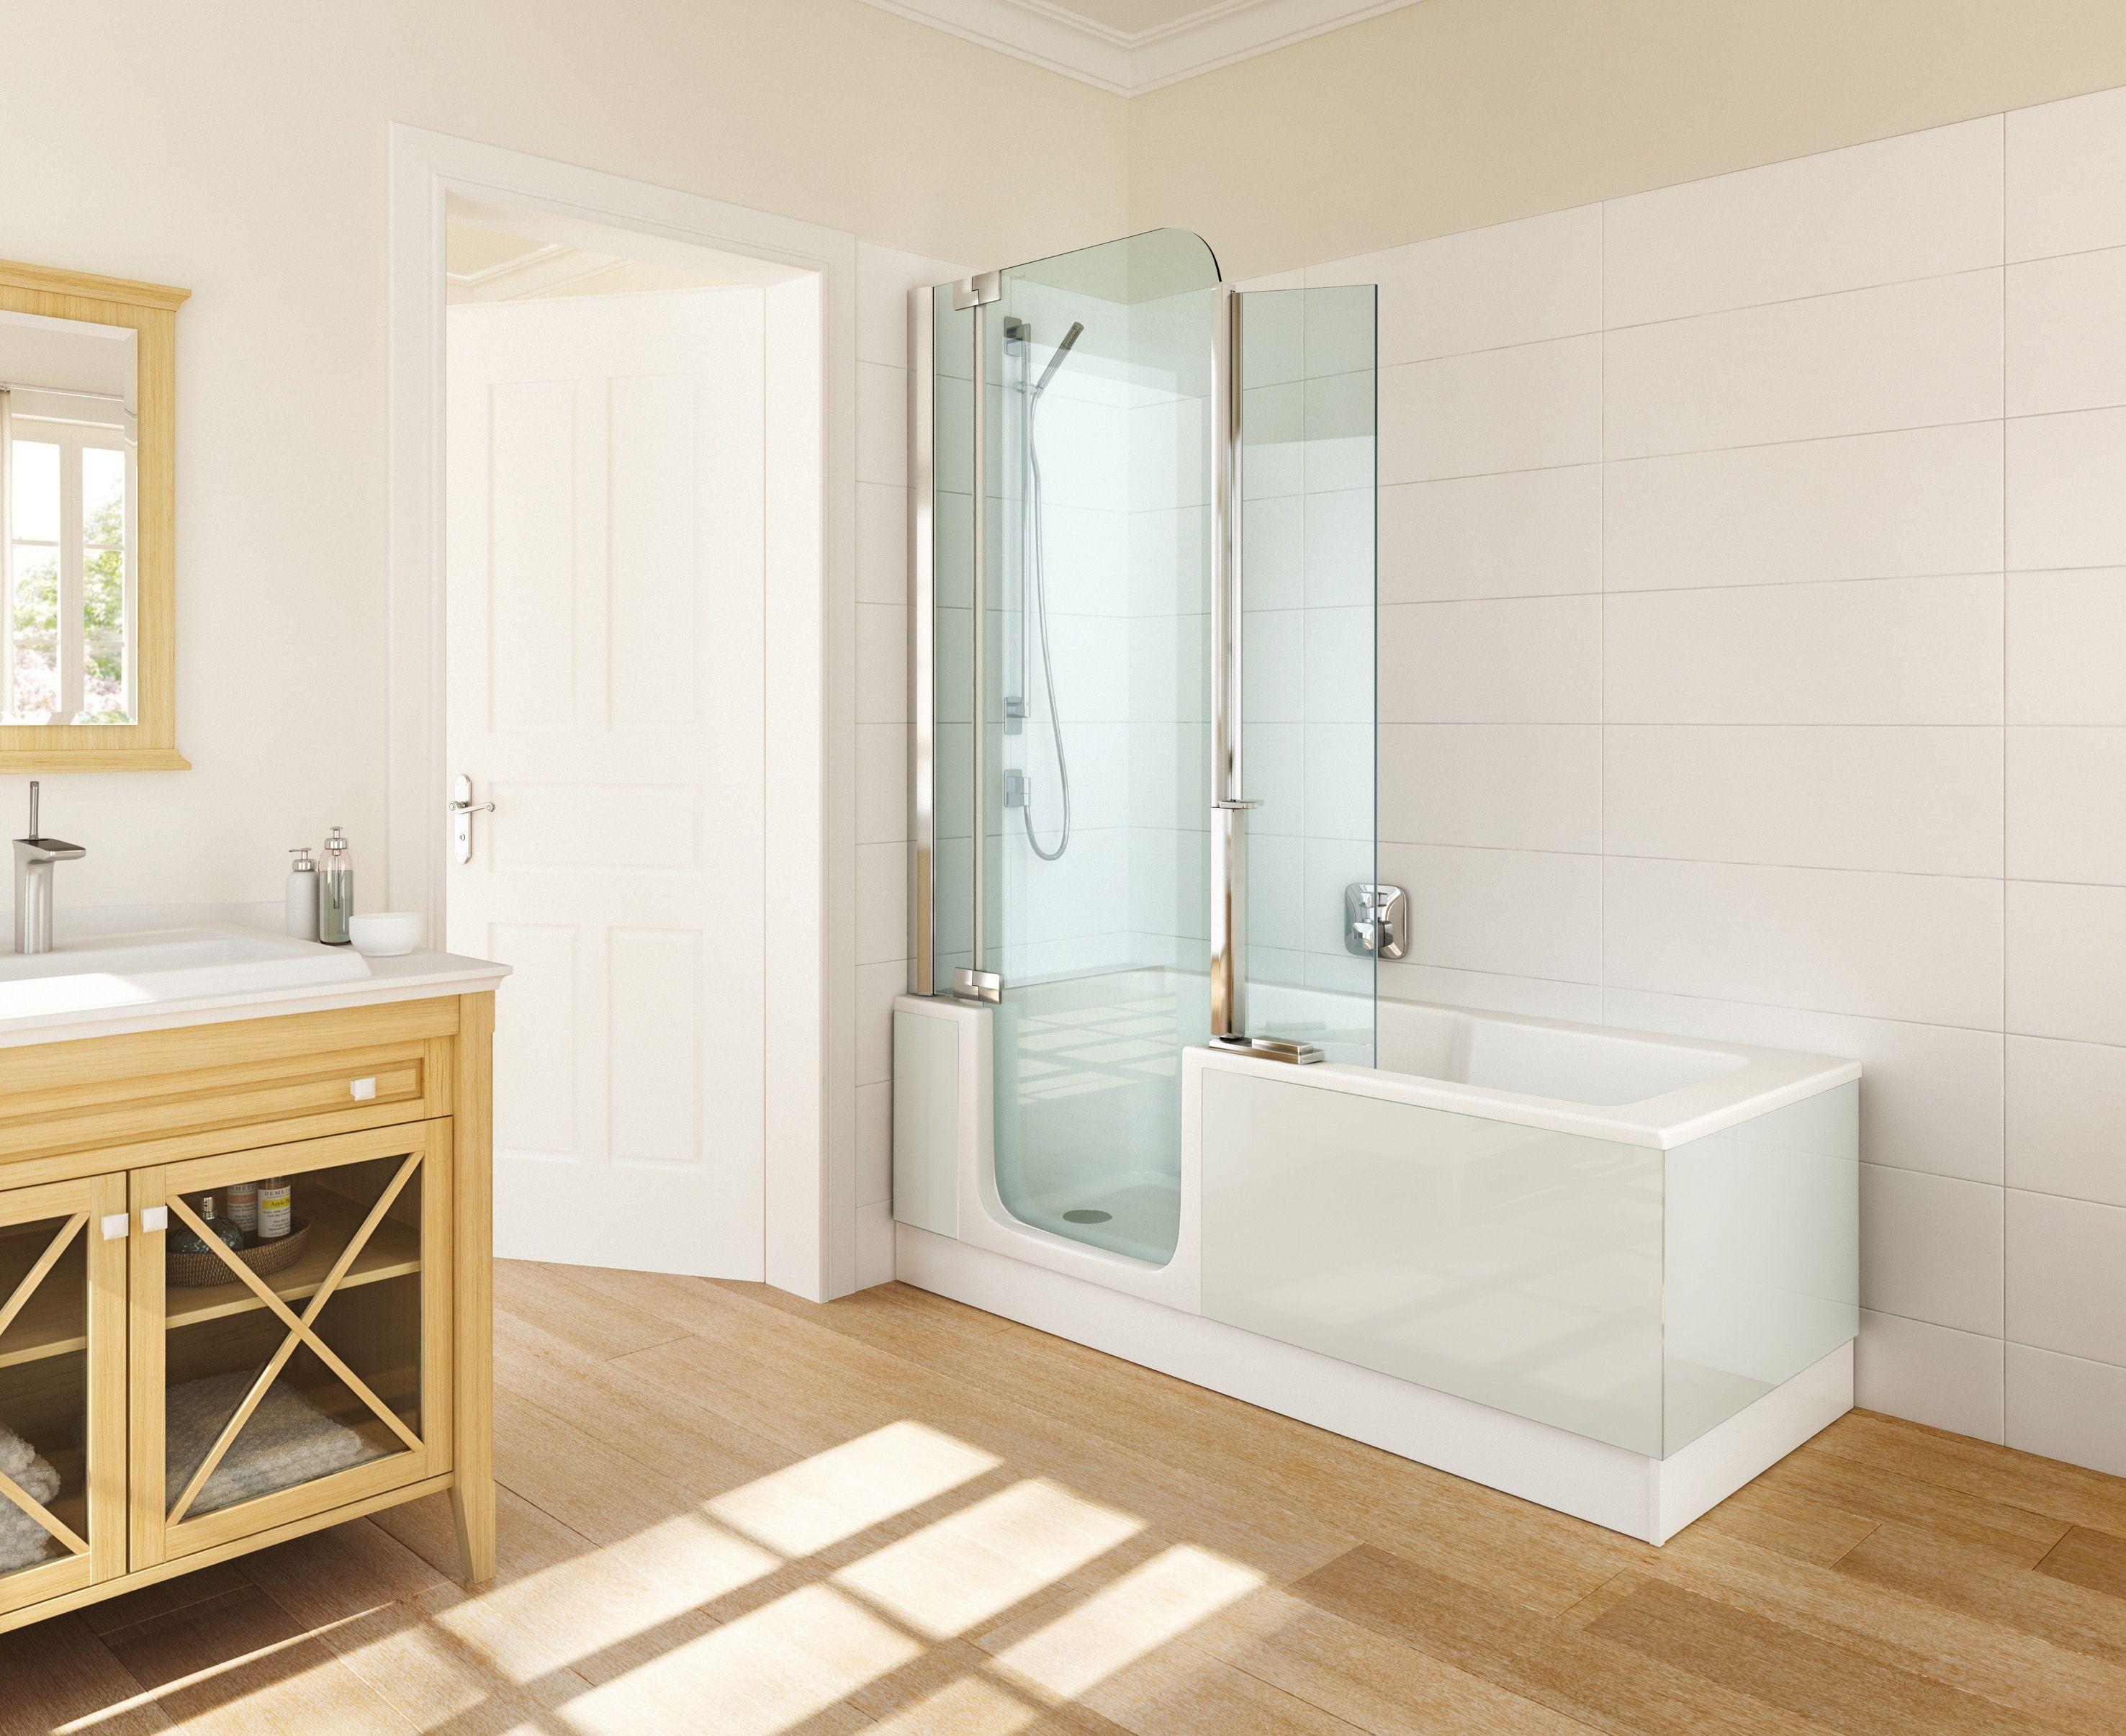 Twinline douchebad kleur wit wit in de badkamer